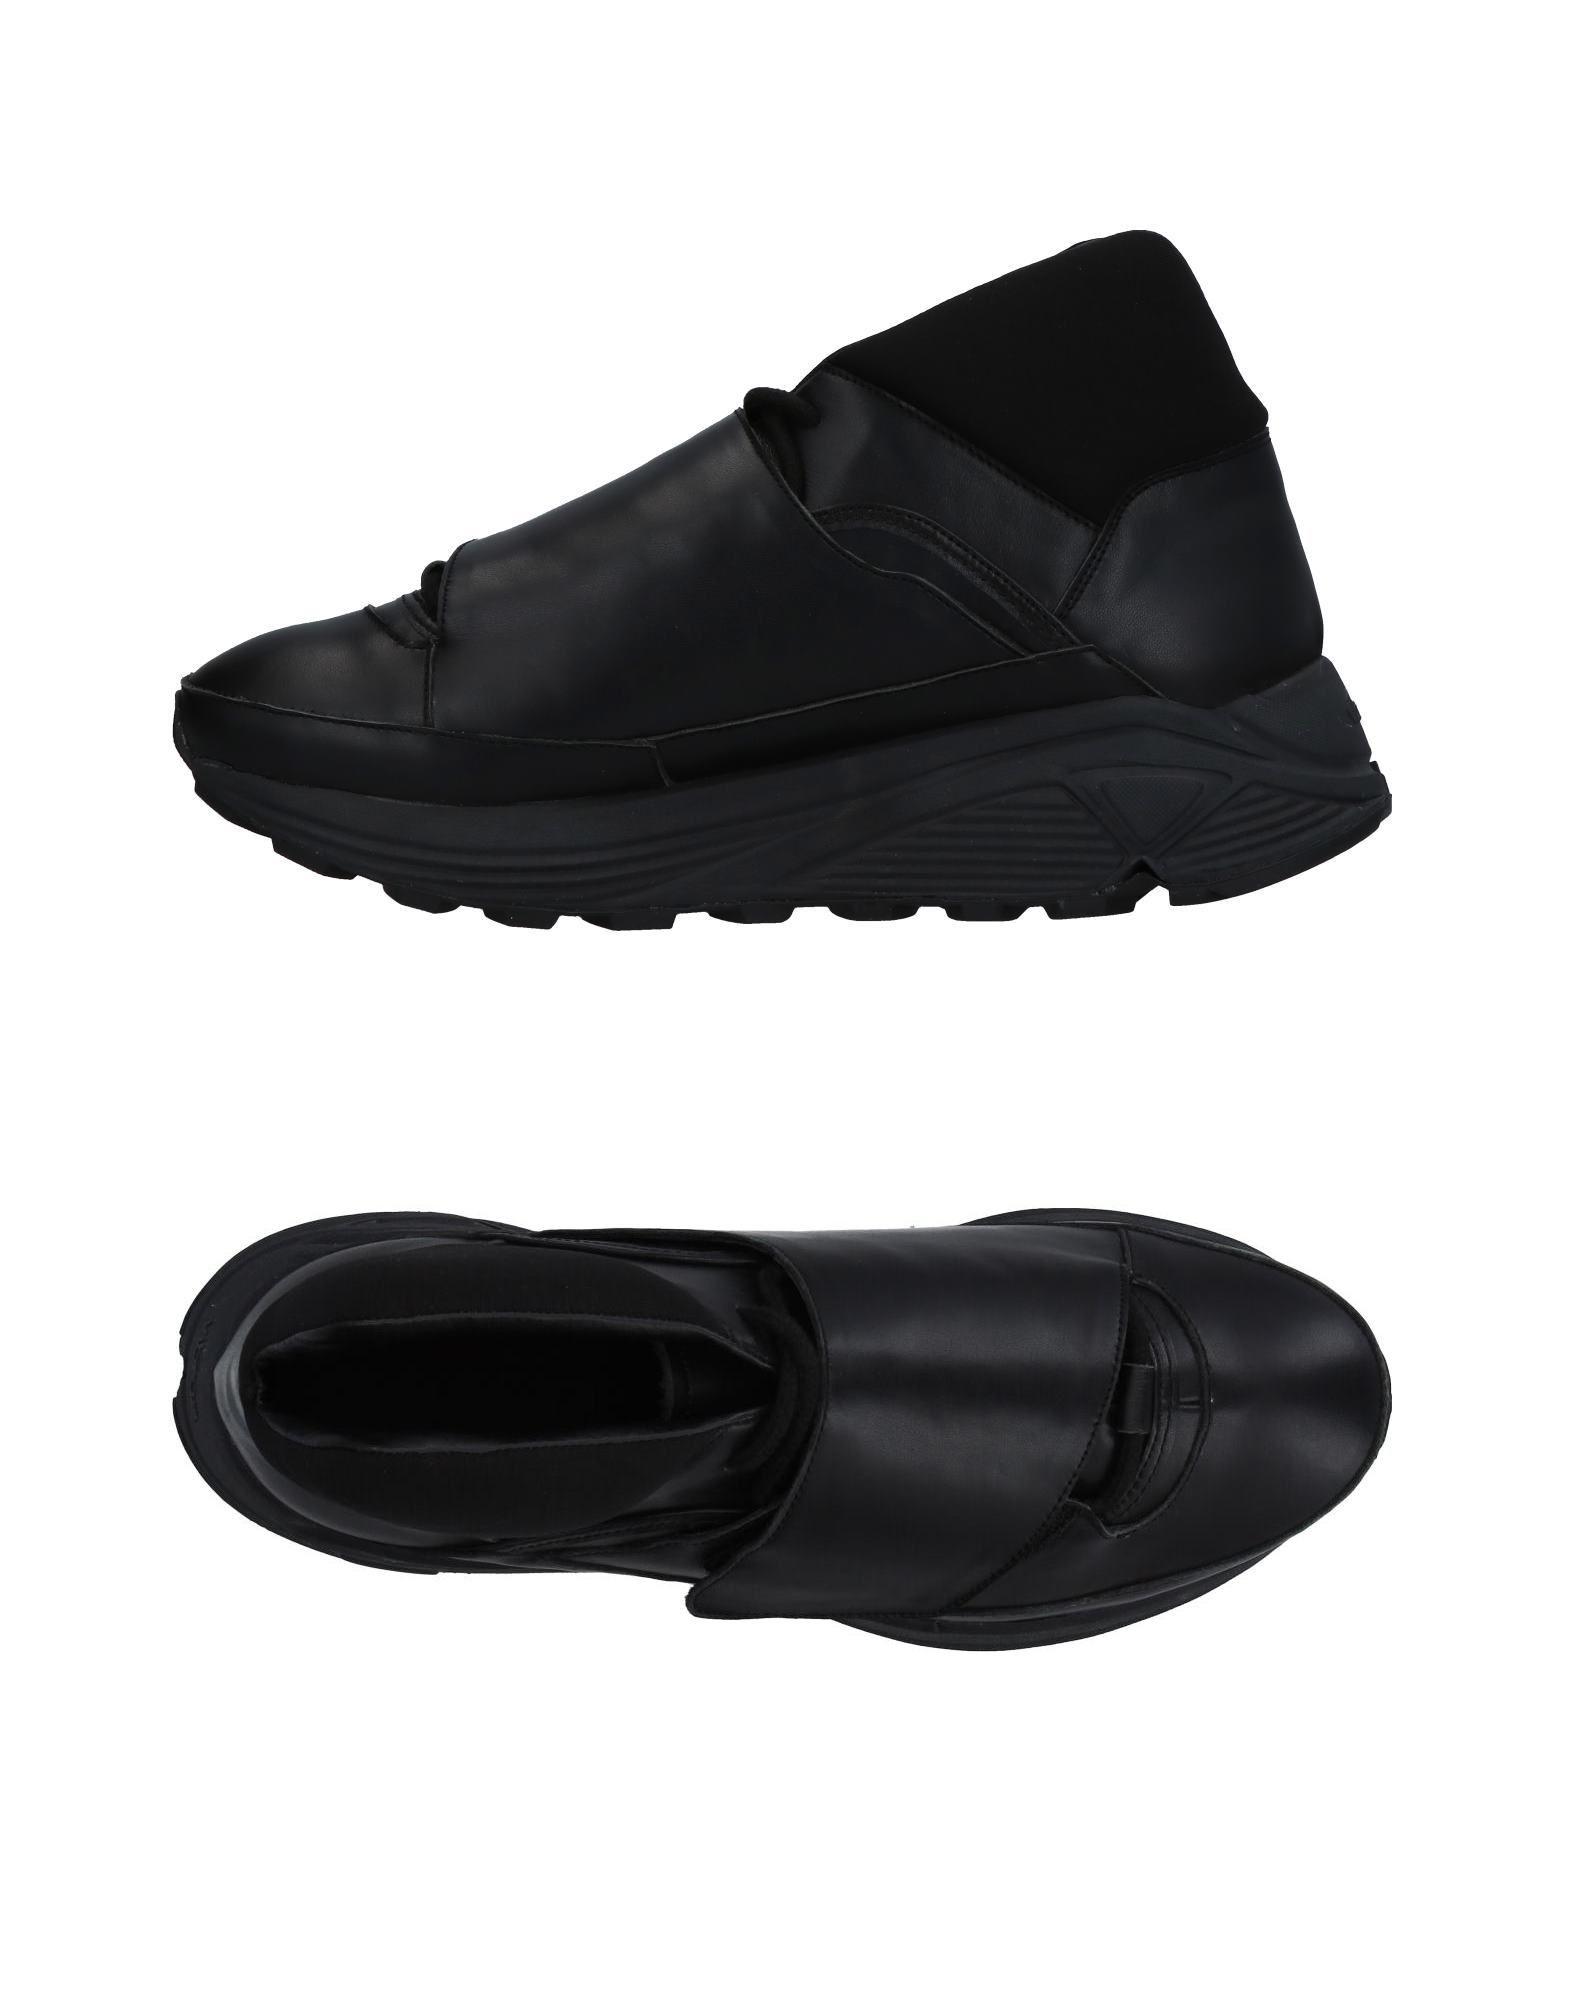 Sneakers Kktp Homme - Sneakers Kktp sur